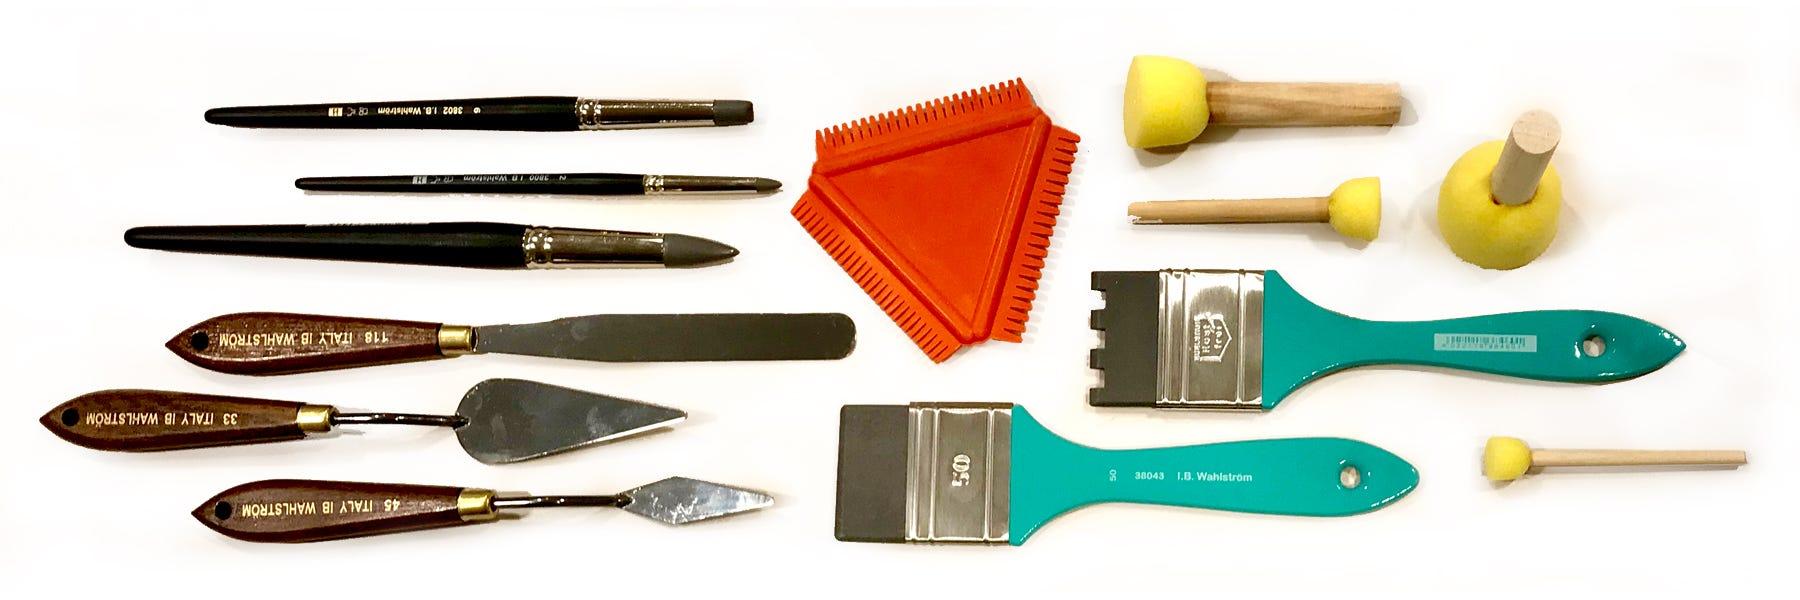 Målarknivar & Verktyg